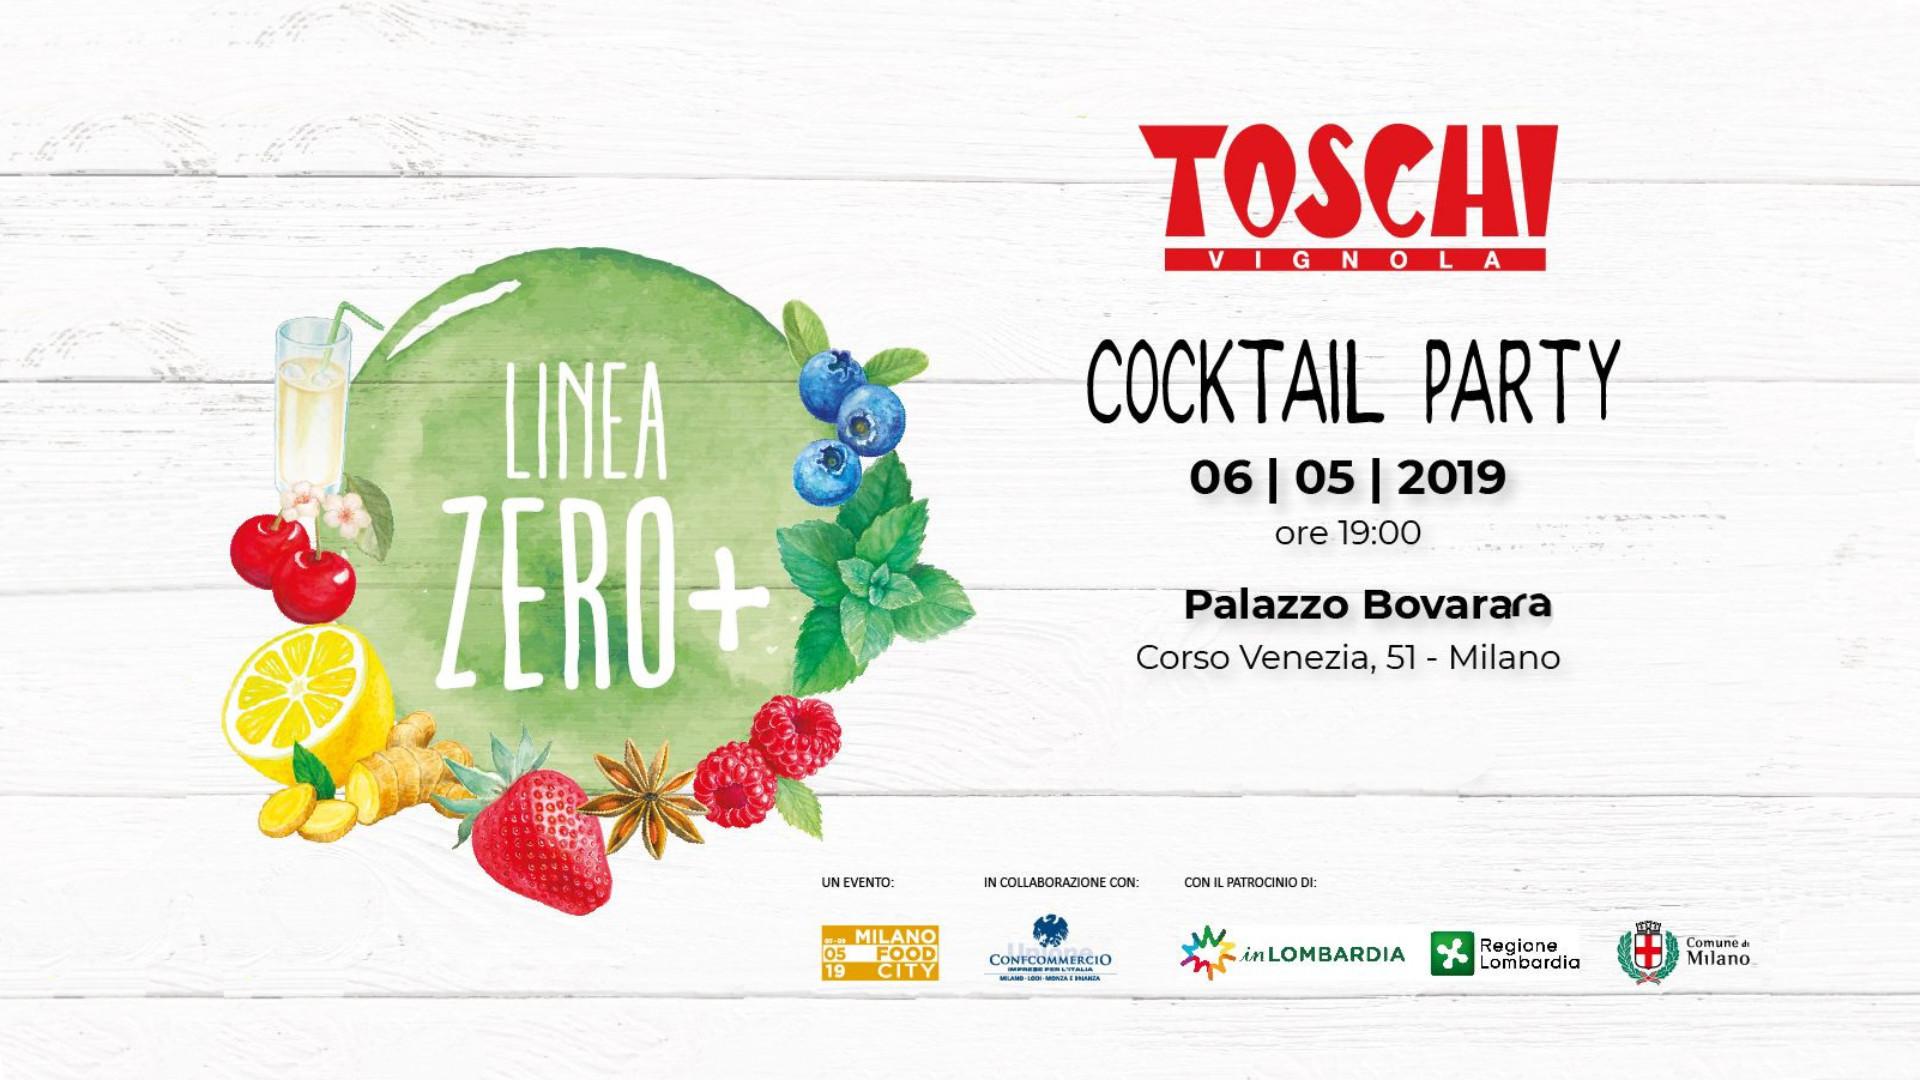 Gelq.it con ZERO+ di Toschi Vignola a Milano